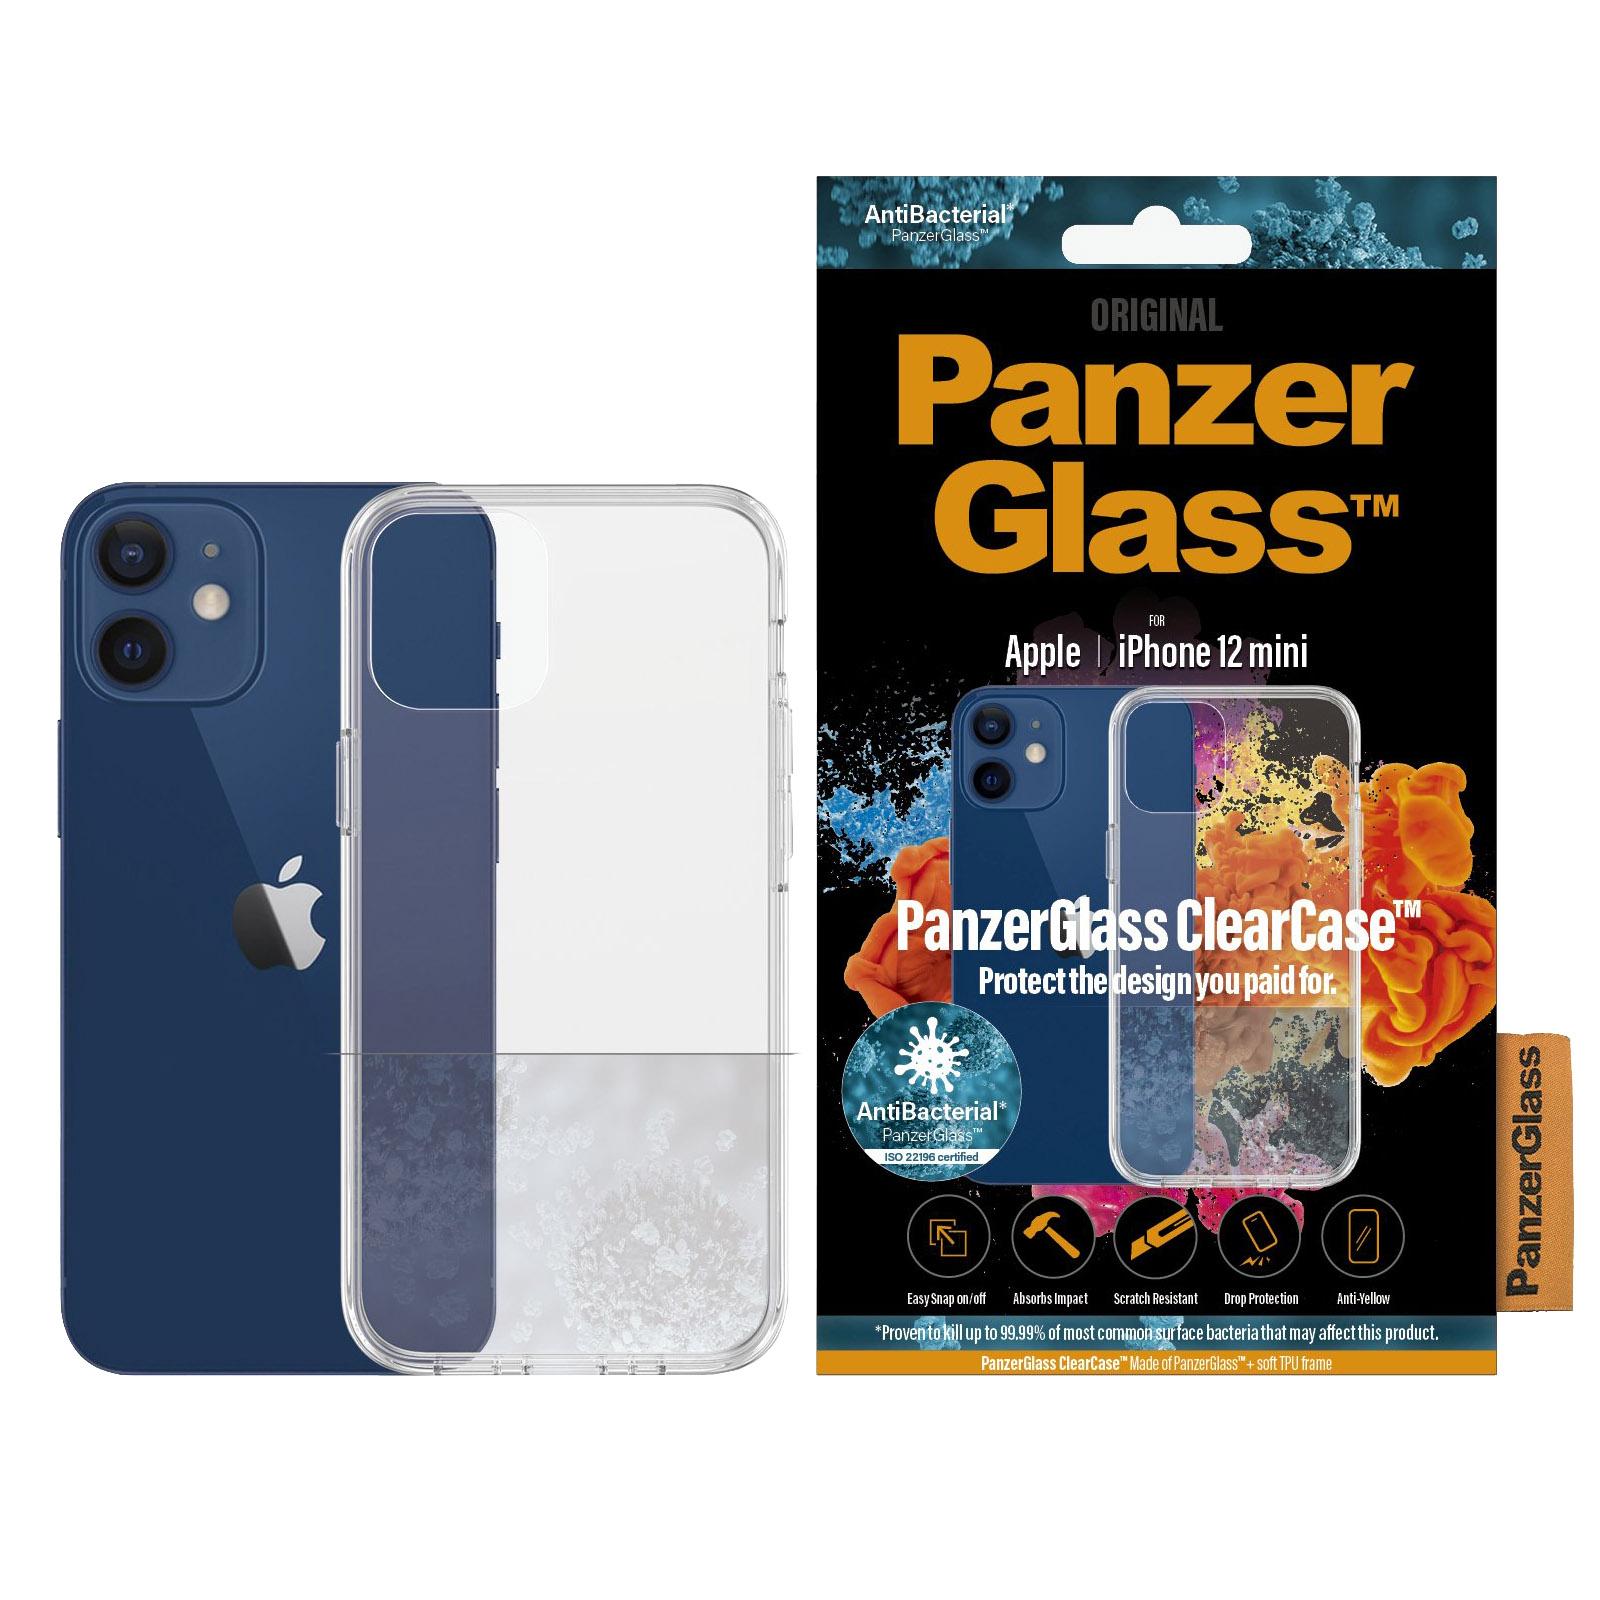 Eine originelle antibakterielle Hülle der Marke PanzerGlass aus der Serie ClearCase